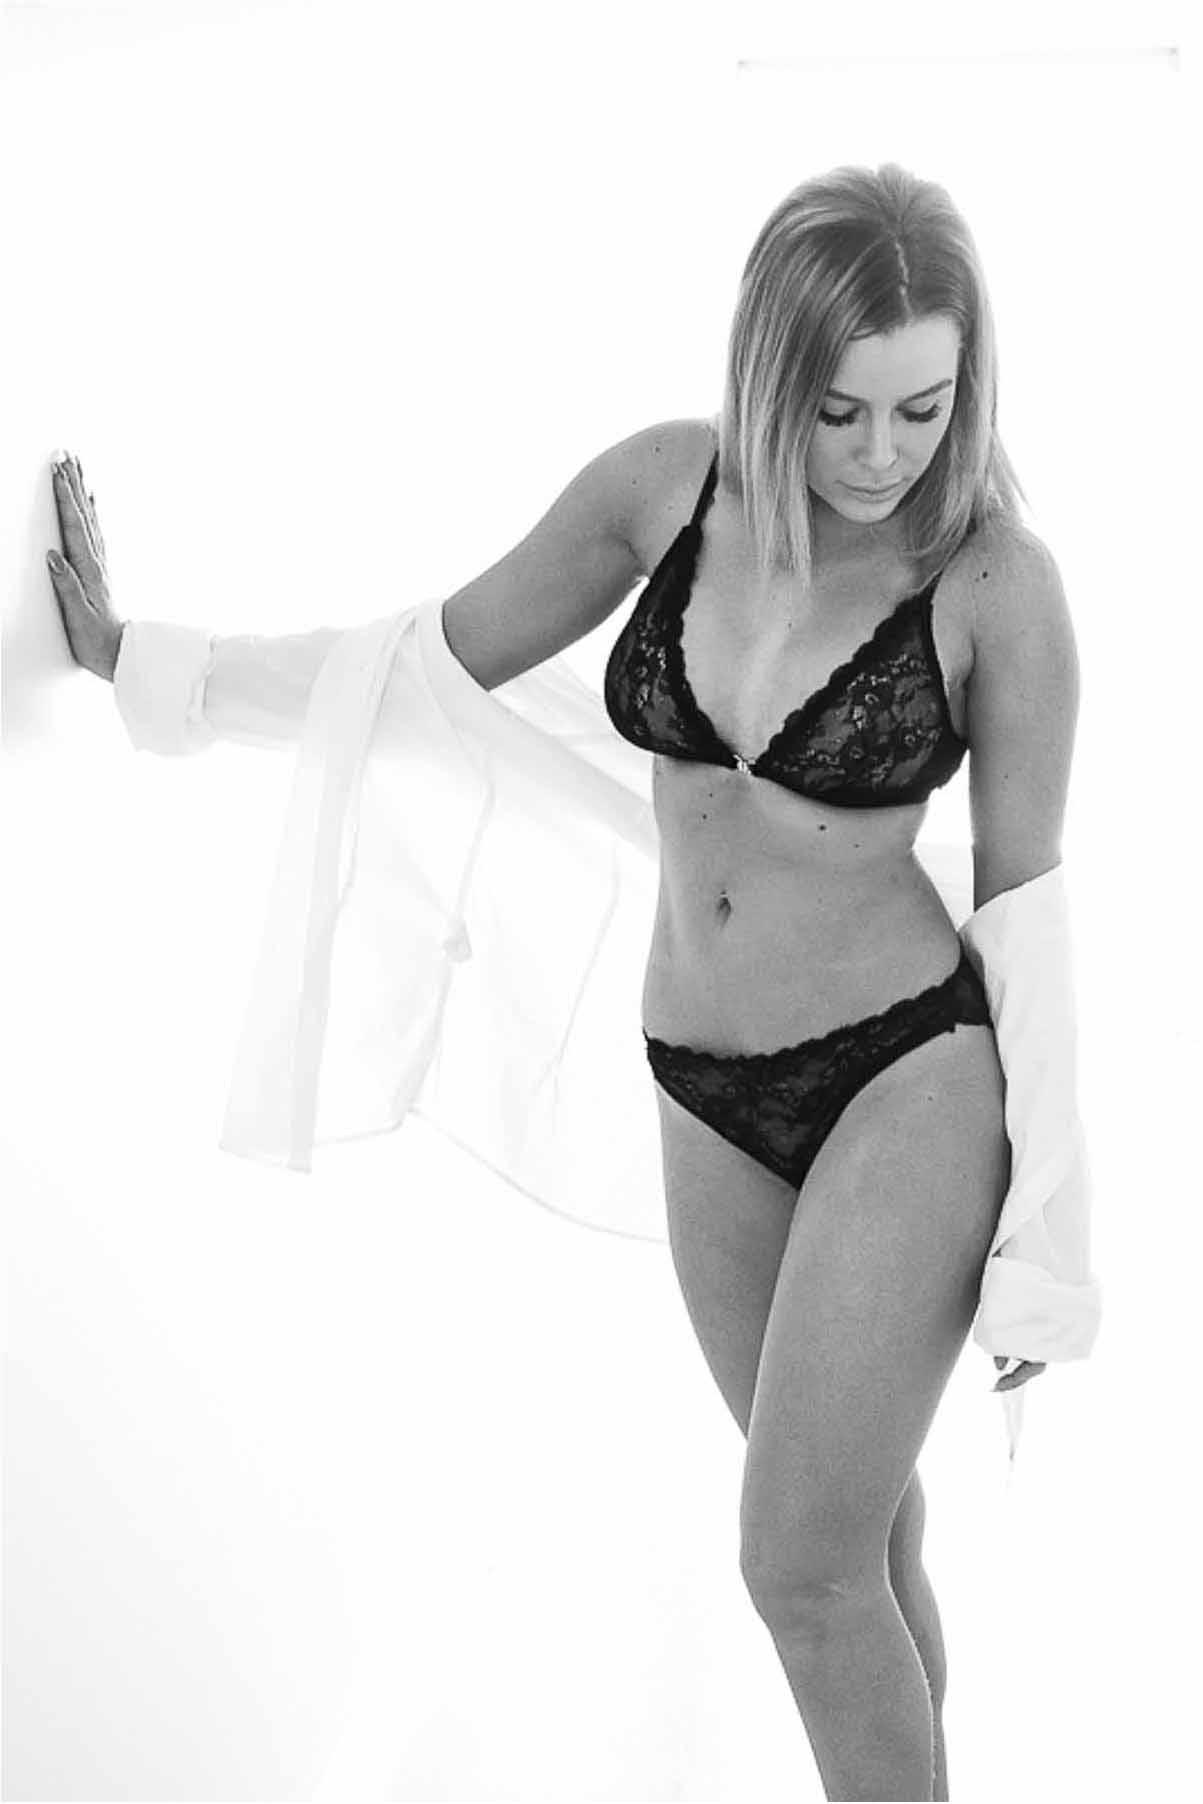 Boudoirfotografering er en sensuel fotografering af kroppen med enten synligt undertøj